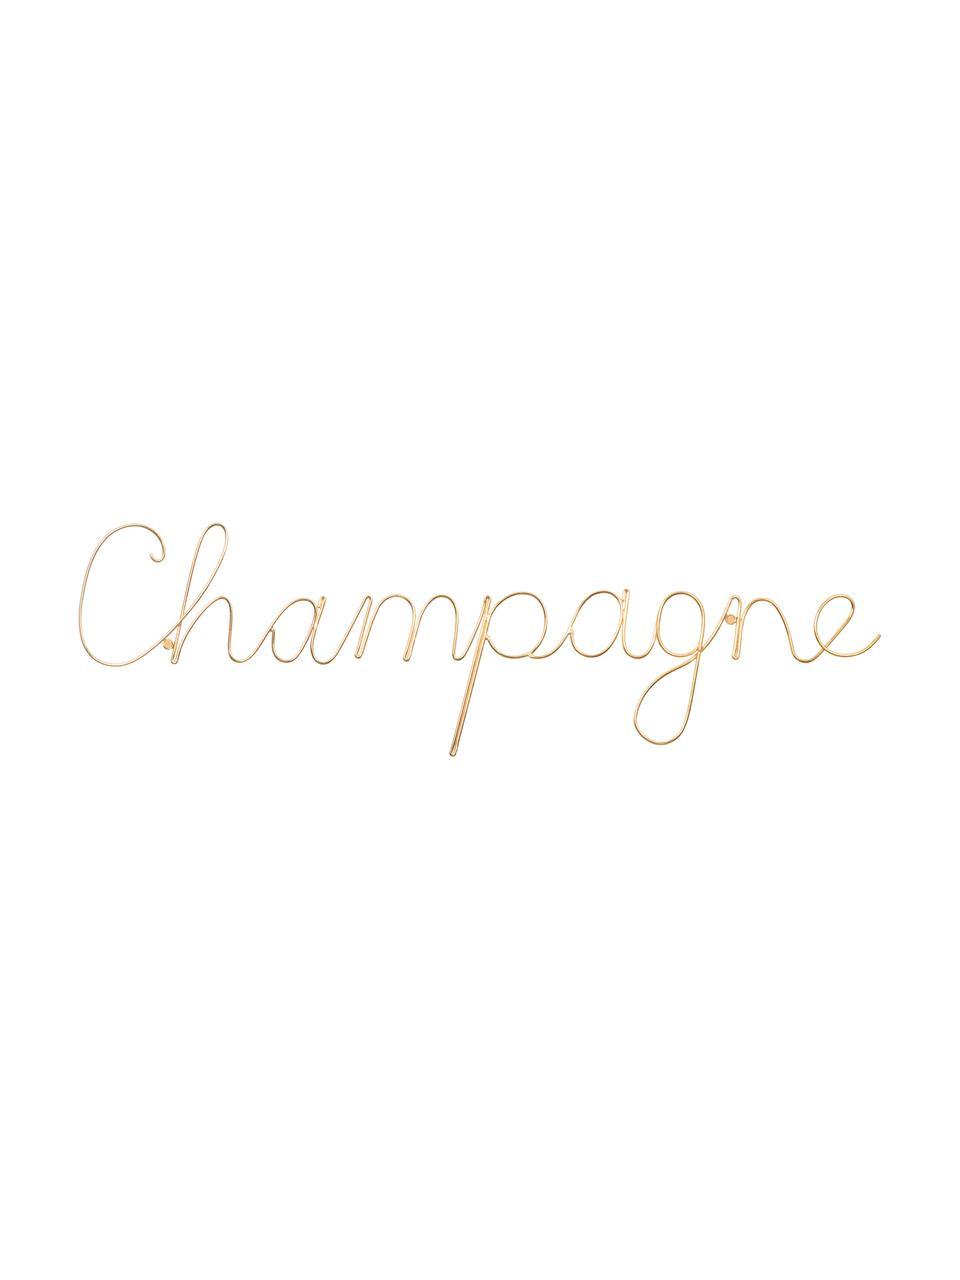 Décoration murale en aluminium Champagne, Couleur dorée